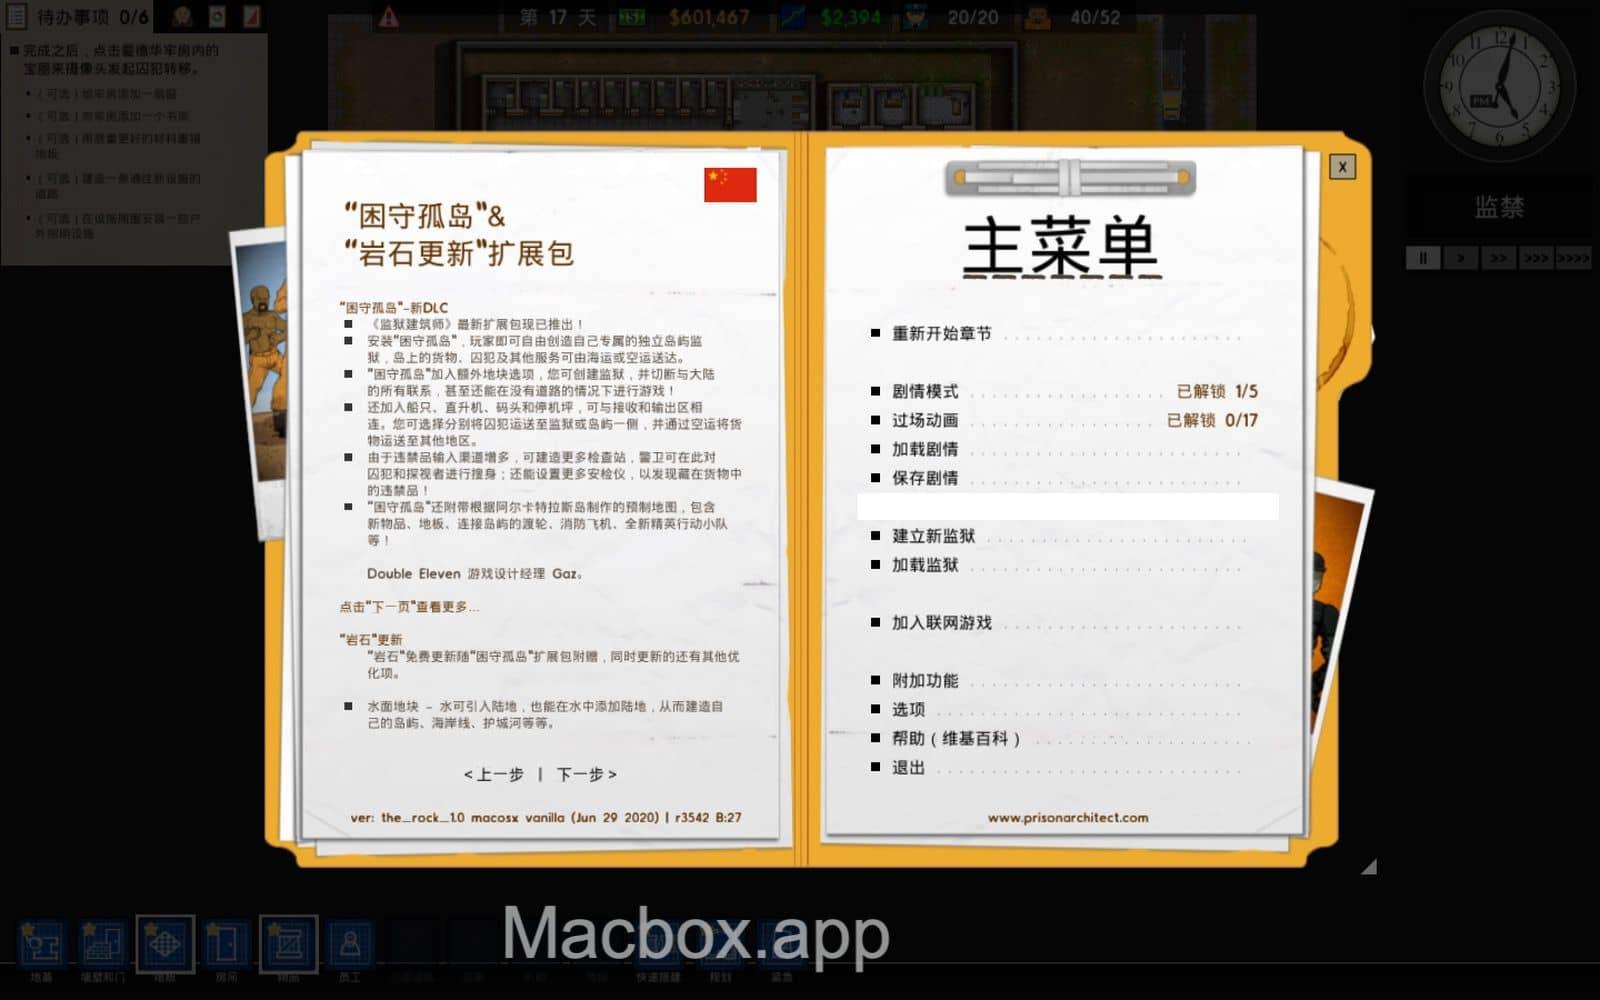 监狱建筑师(Prison Architect)支持中文汉化